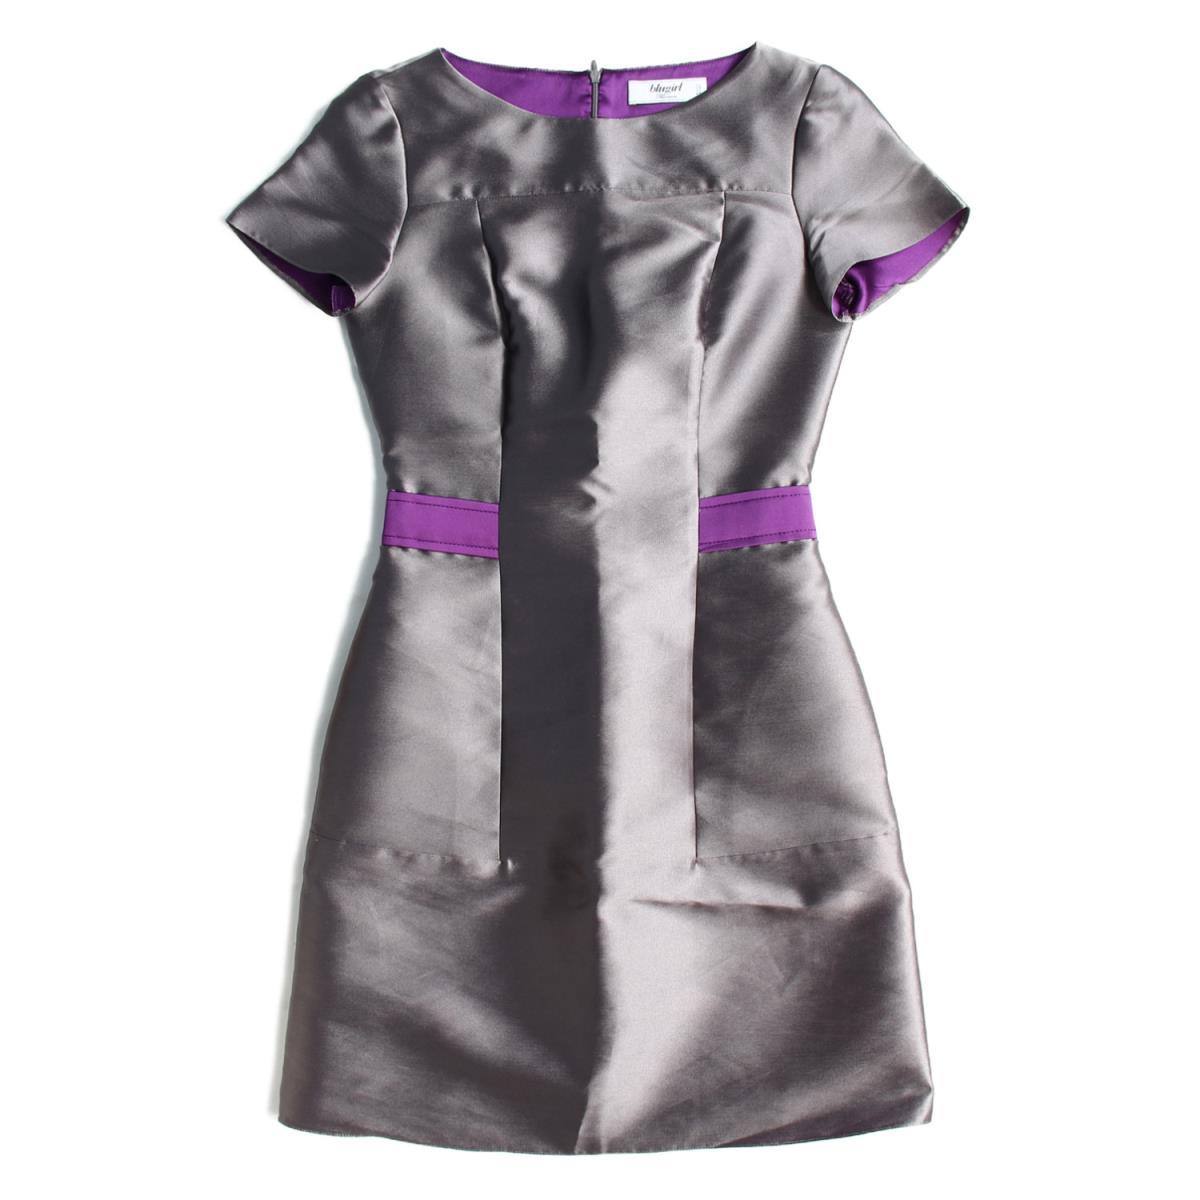 Blugirl(ブルーガール) 半袖ワンピース サテン シルクブレンド ドレス グレー×パープル 40 【レディース】【中古】【K2288】